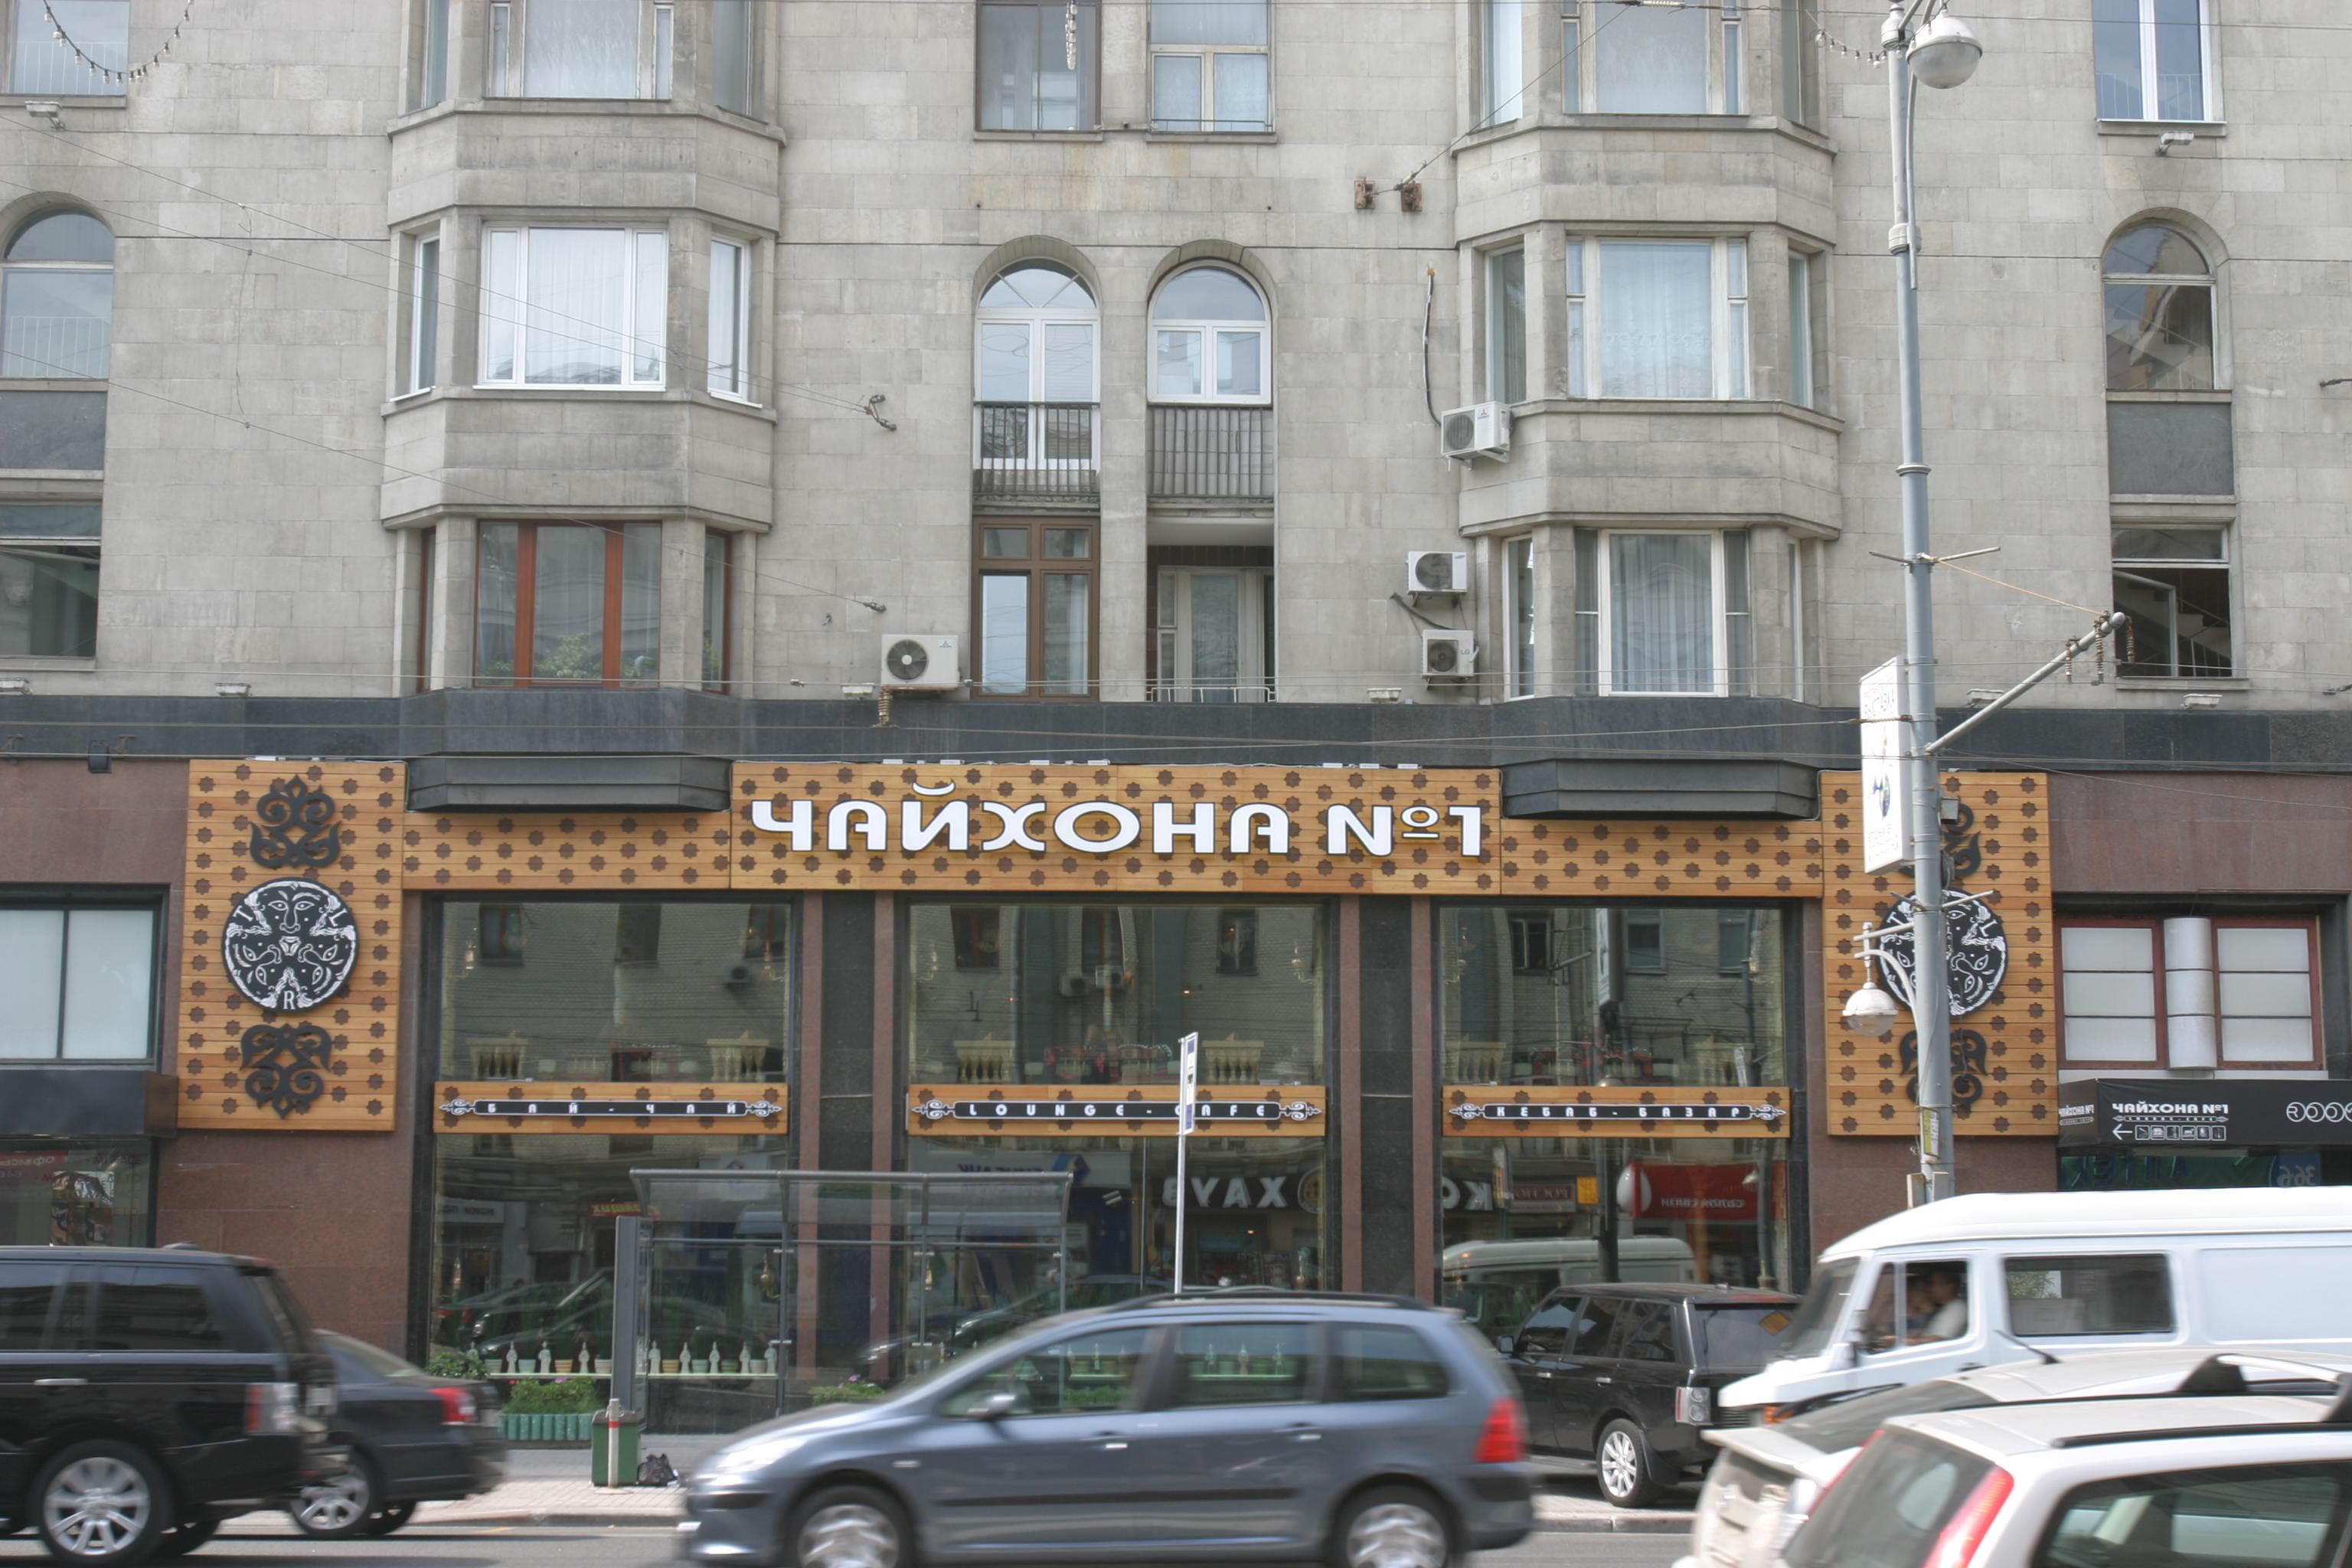 chajhona-1-na-tverskoj-jamskoj-2